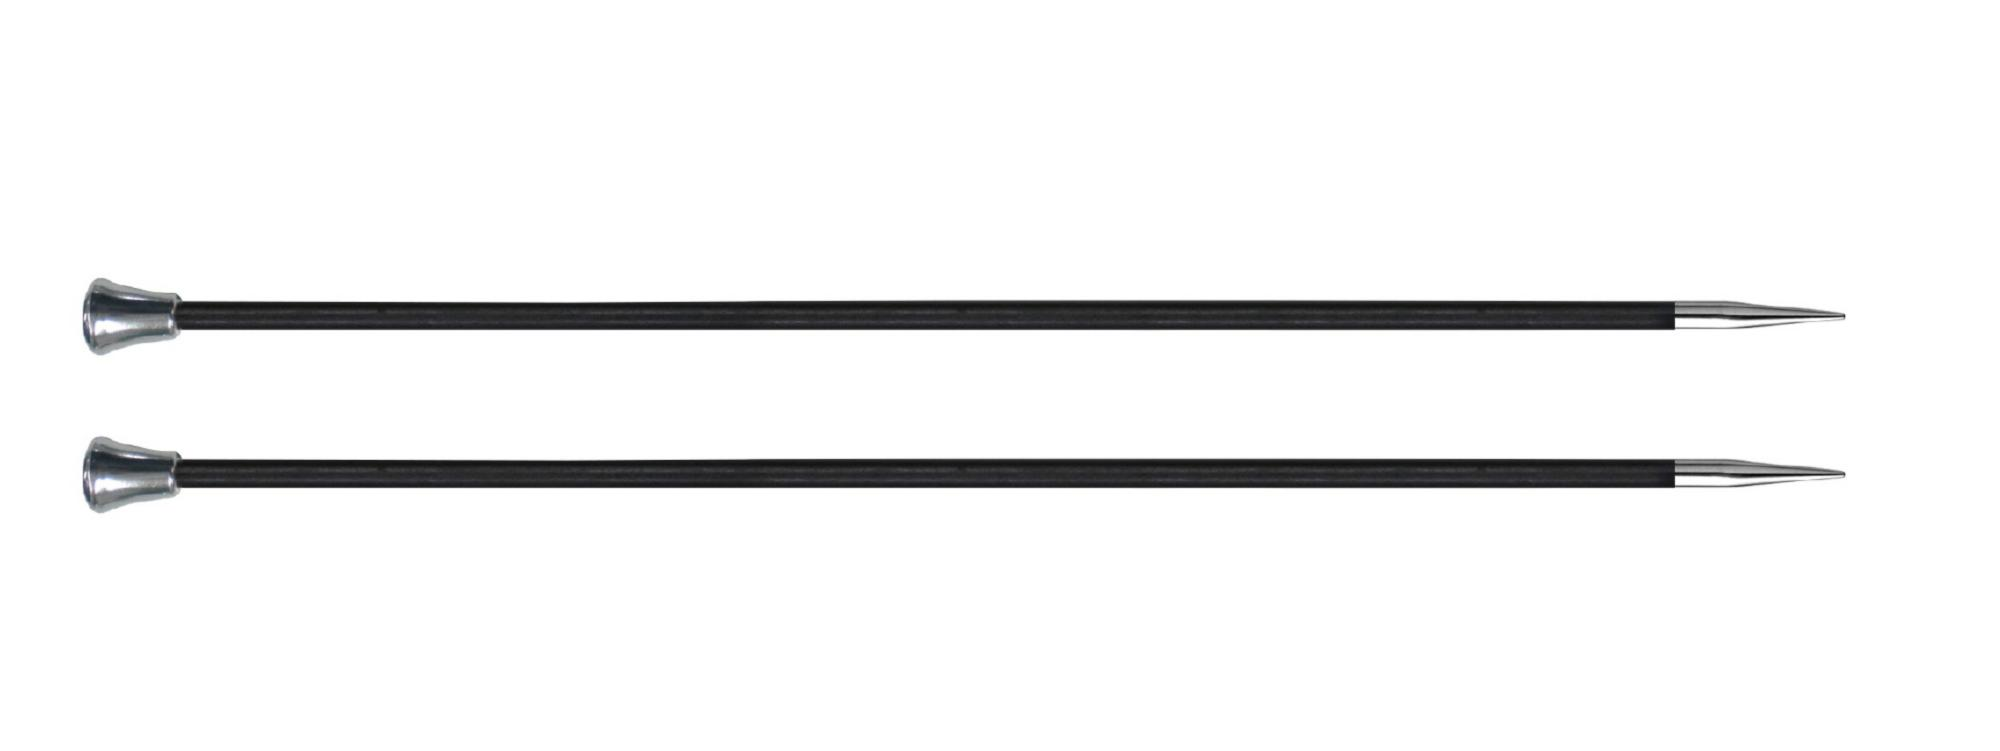 Спицы прямые 25 см Karbonz KnitPro, 41257, 3.75 мм